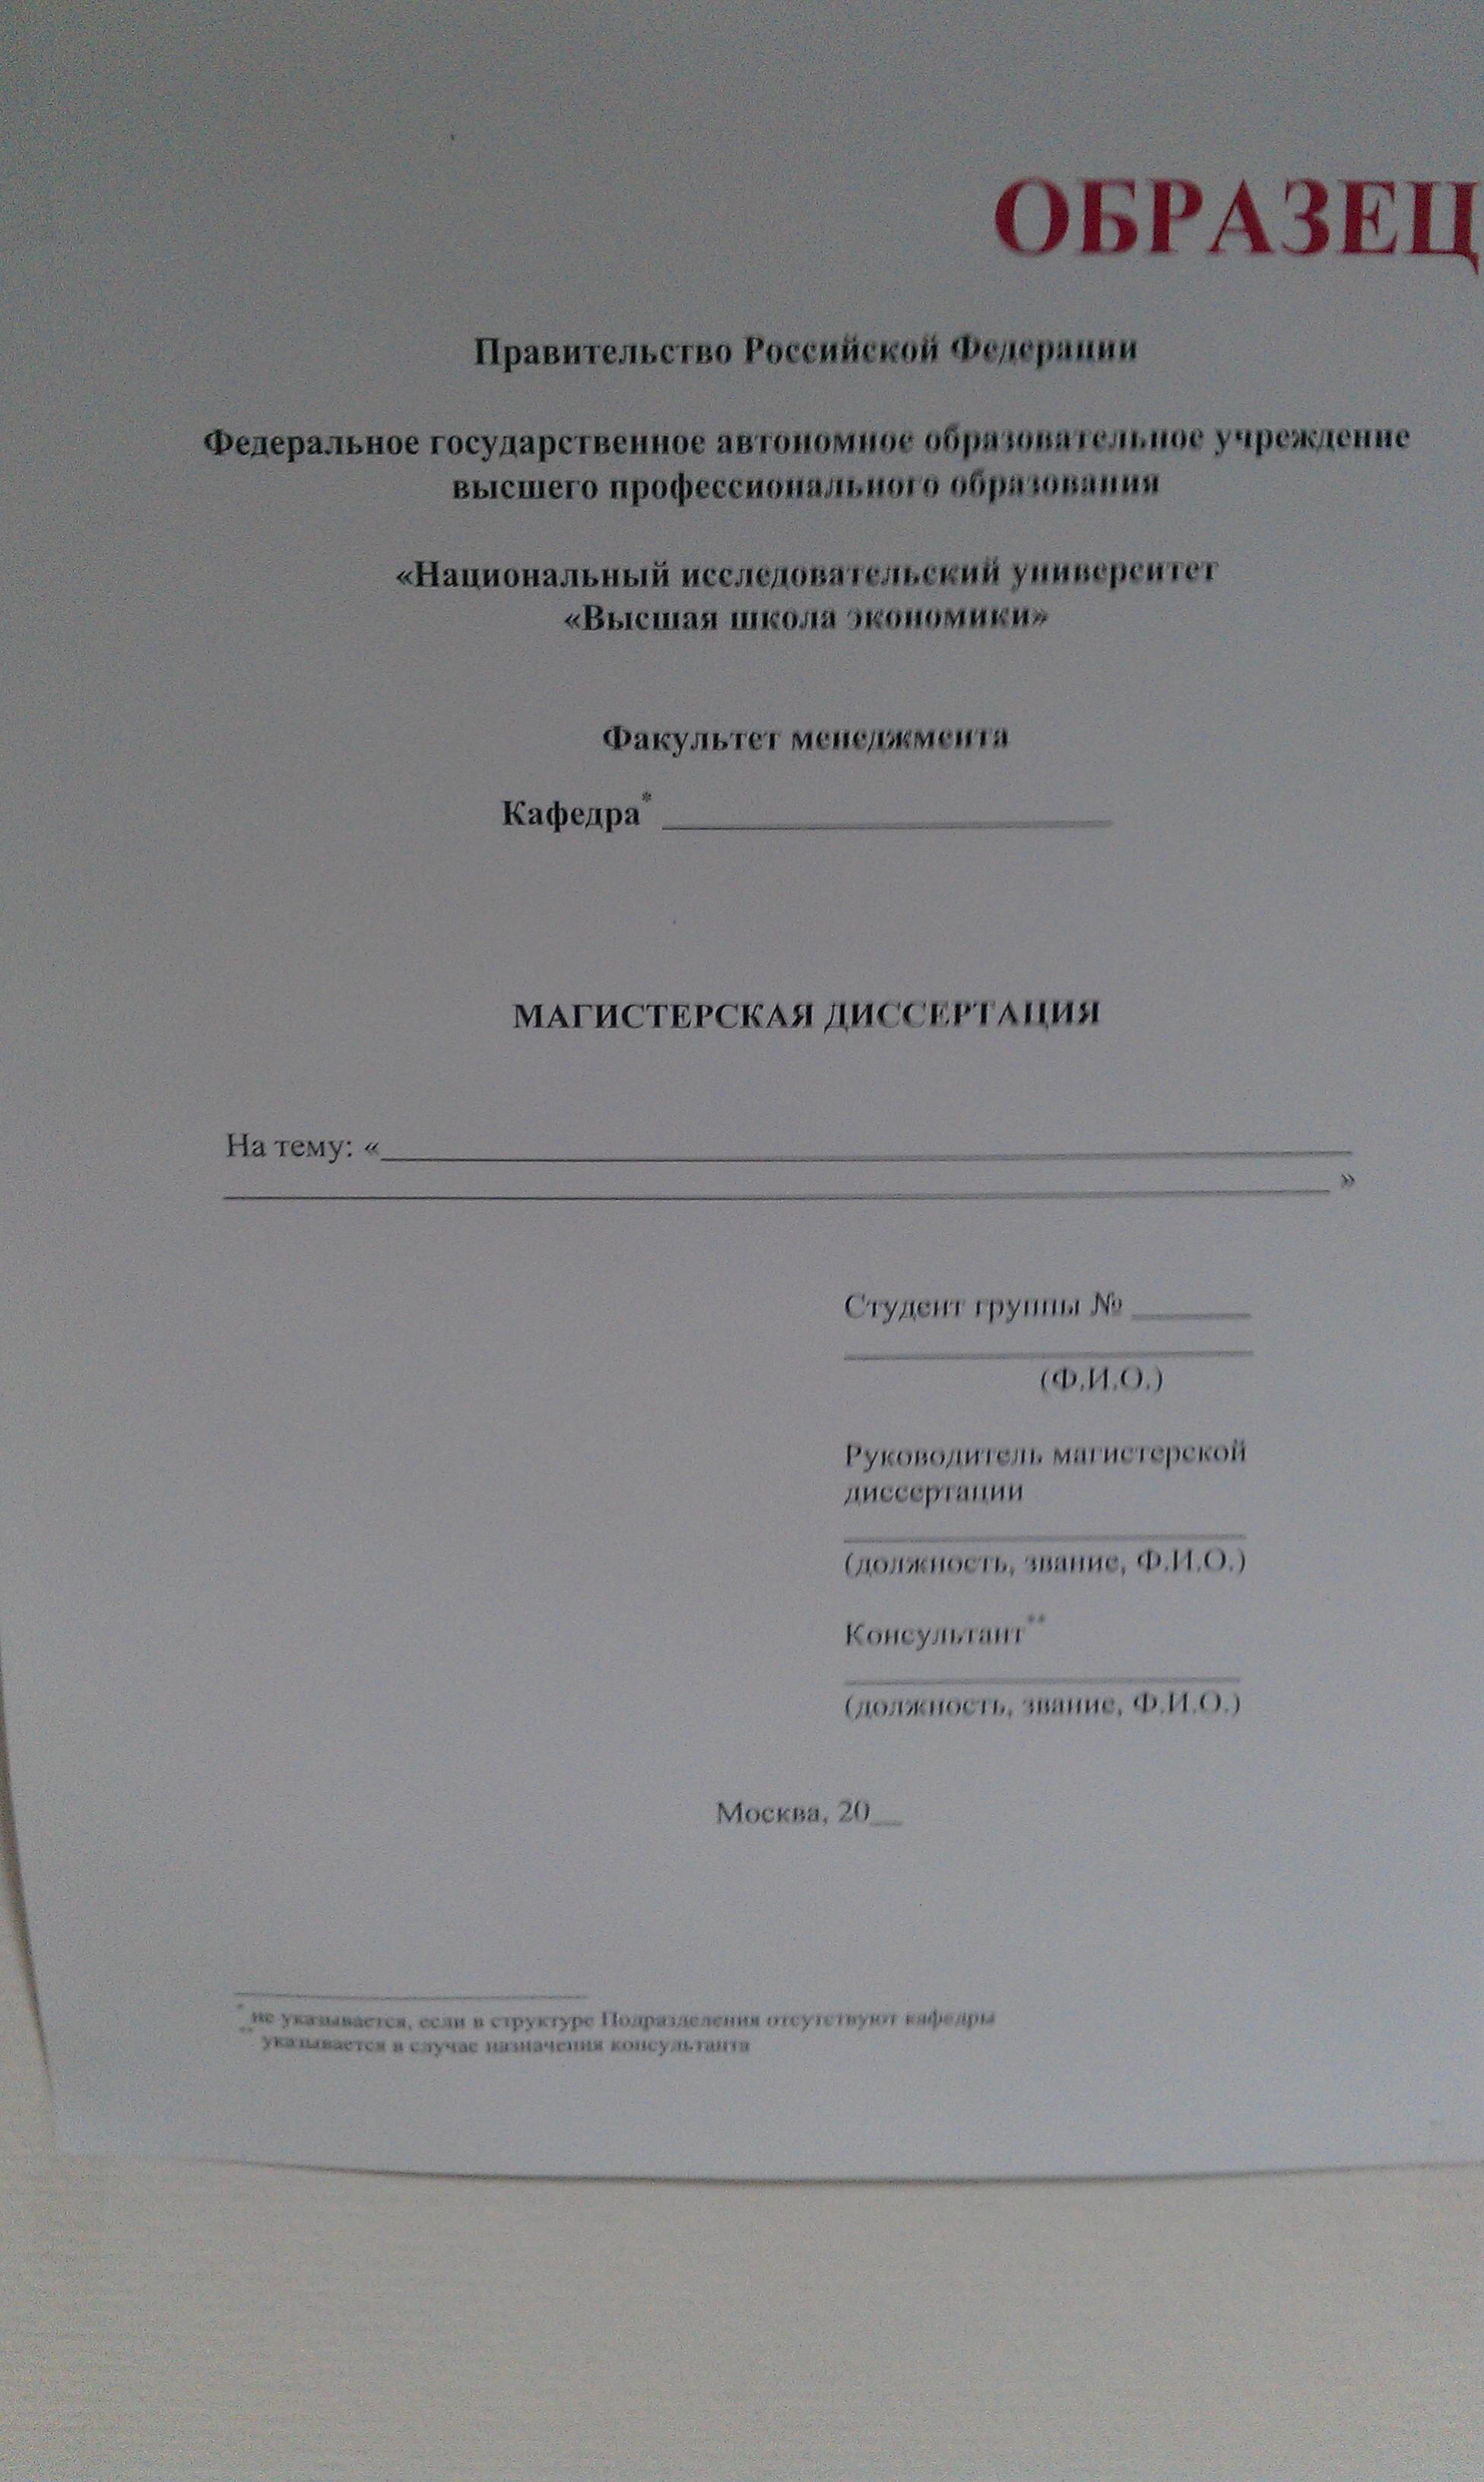 Образец оформления титульного листа ВКР и магистерской диссертации  facebook